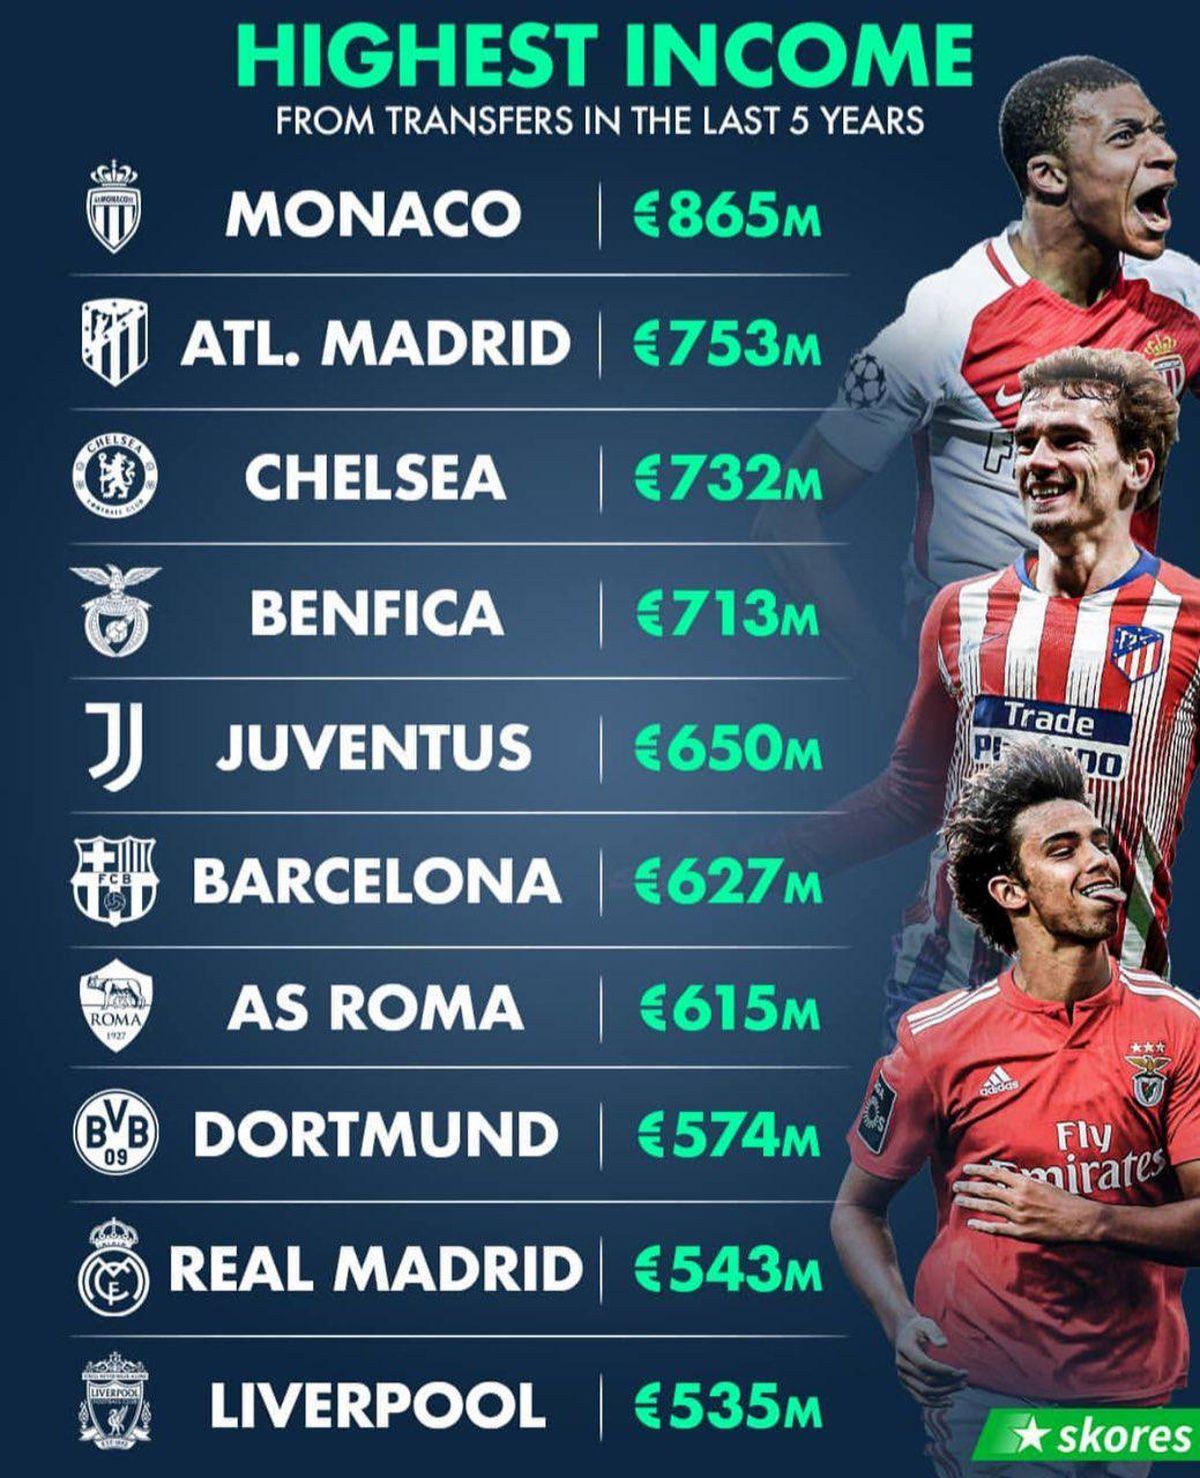 پولسازترین فوتبالیستهای چند سال اخیر